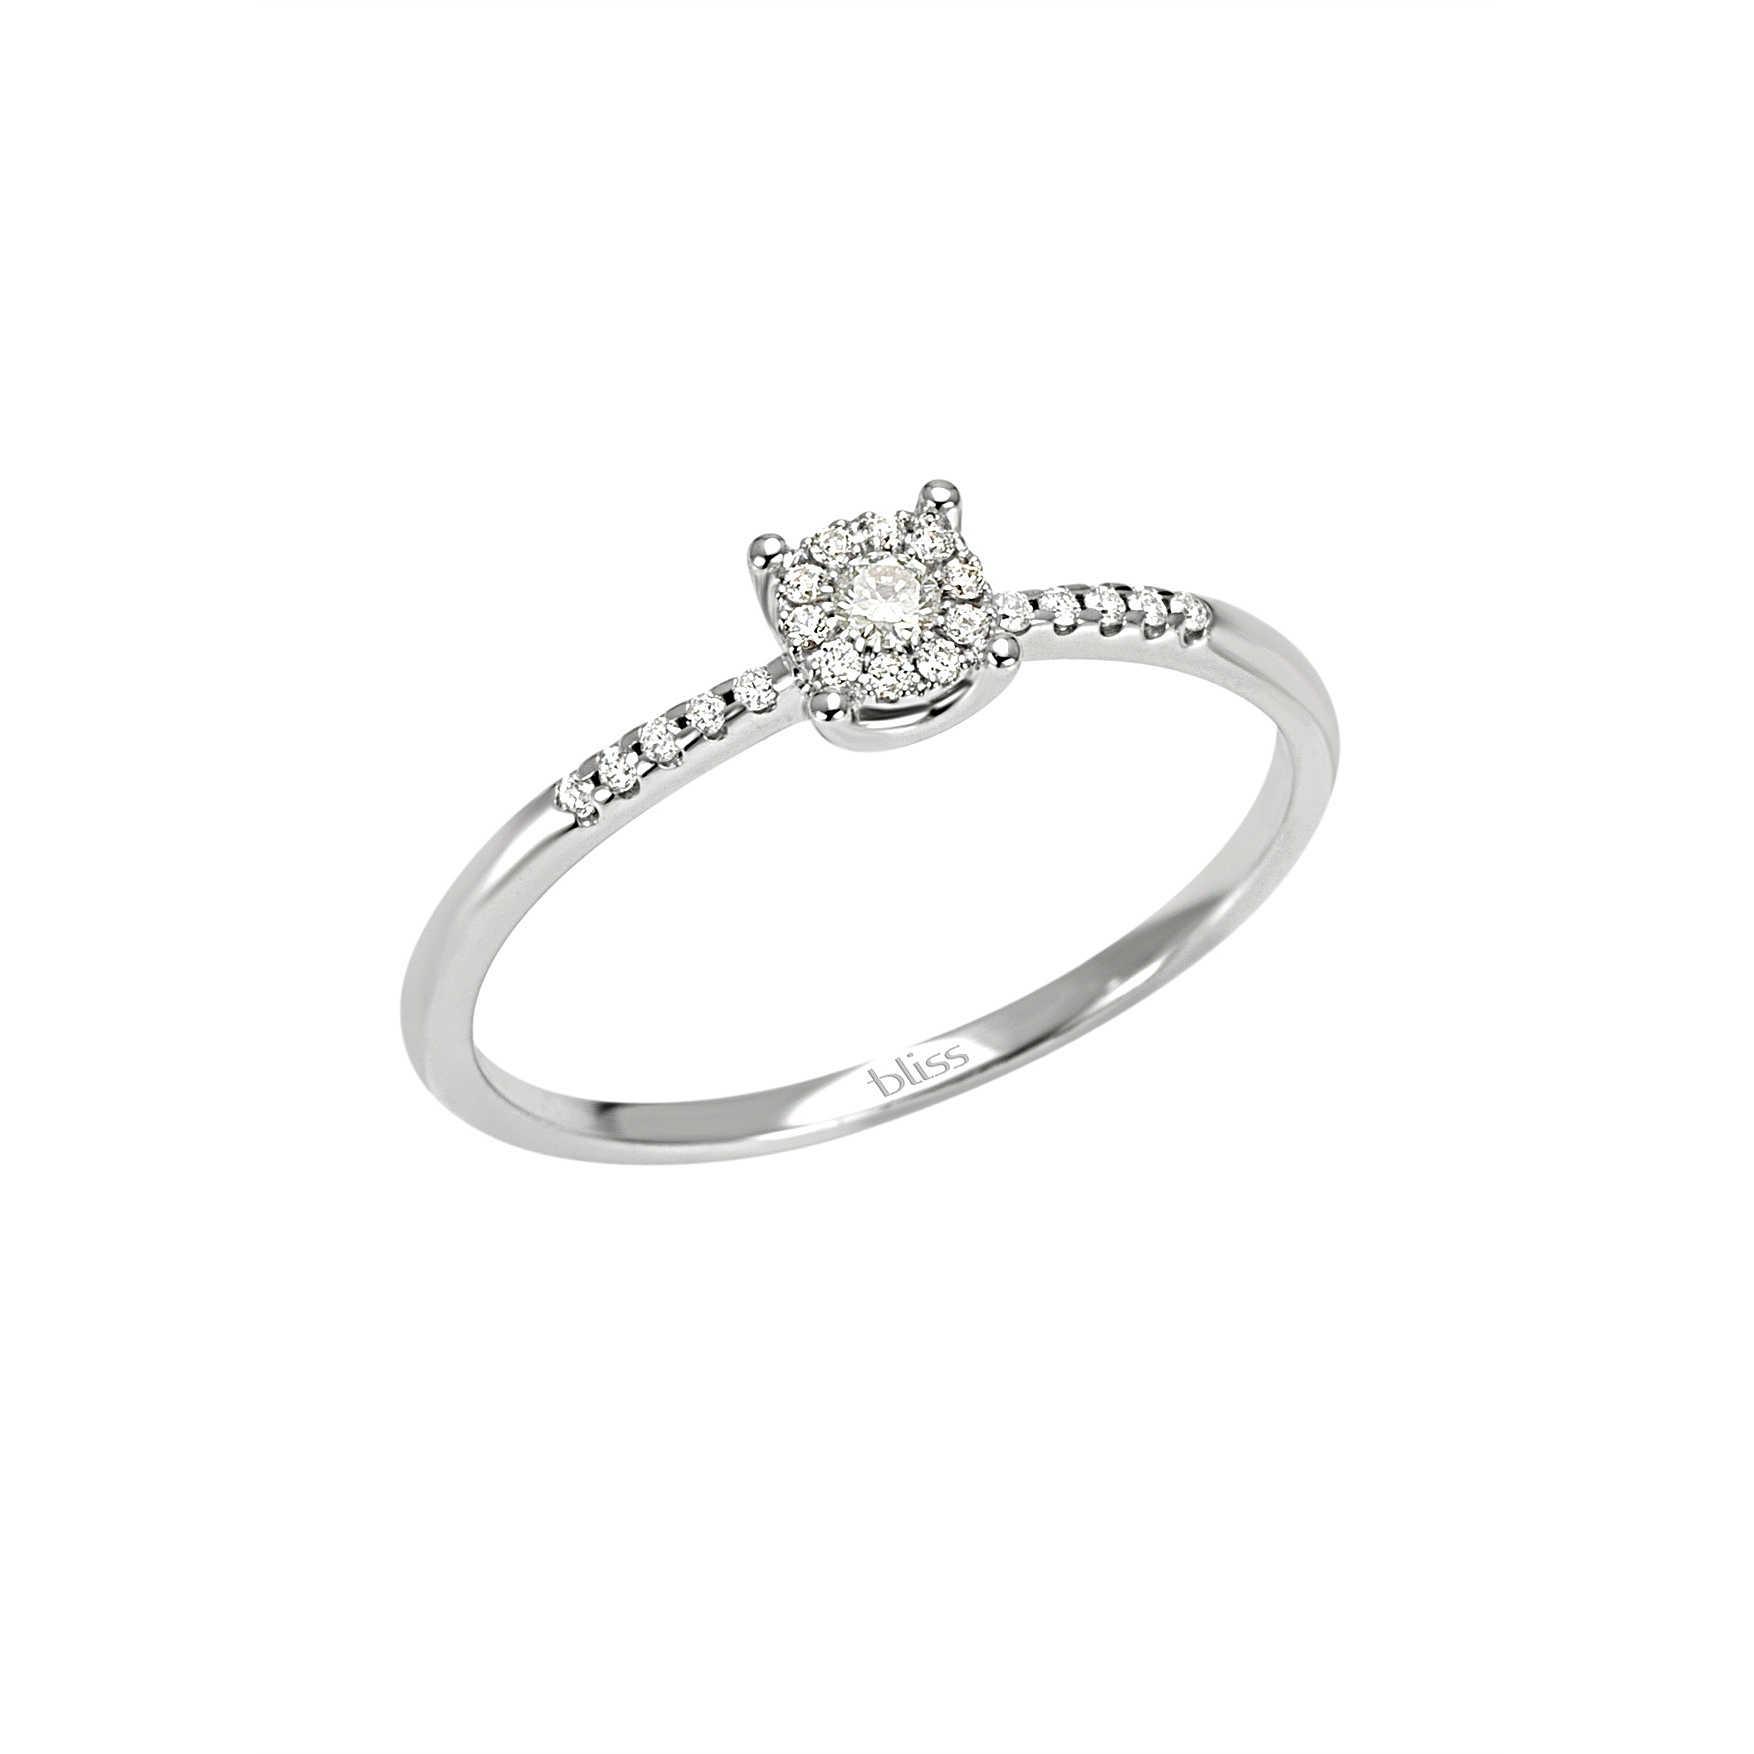 Bliss ANELLO oro bianco e diamanti ref. 20061667